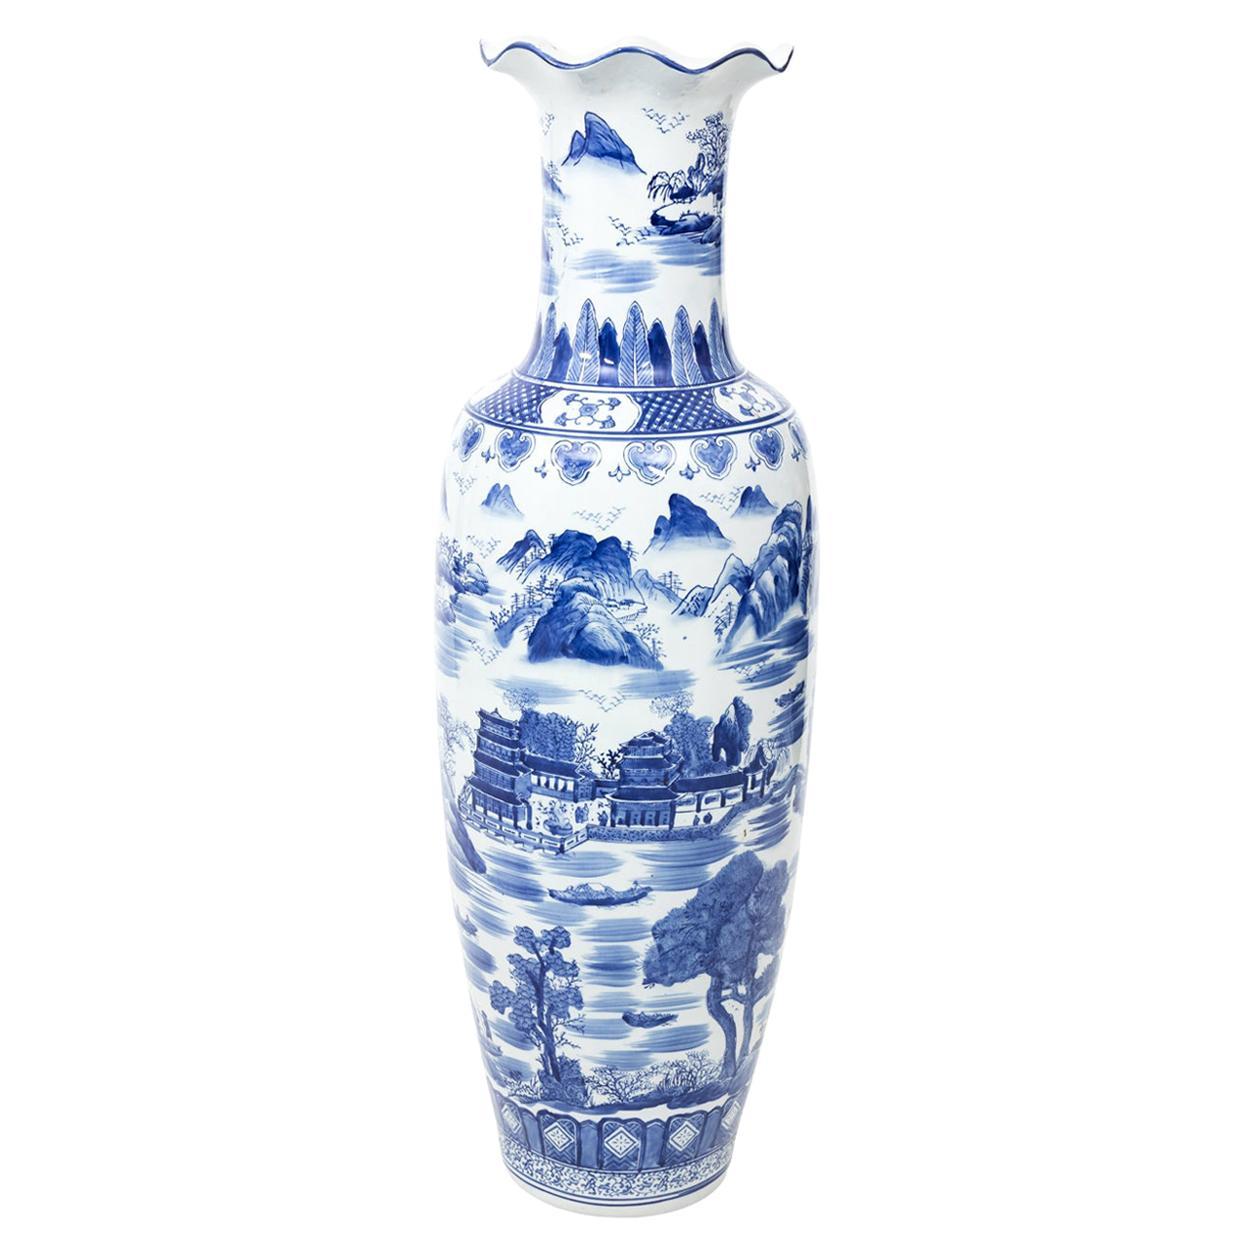 Blue and White Chinese Palace Vase